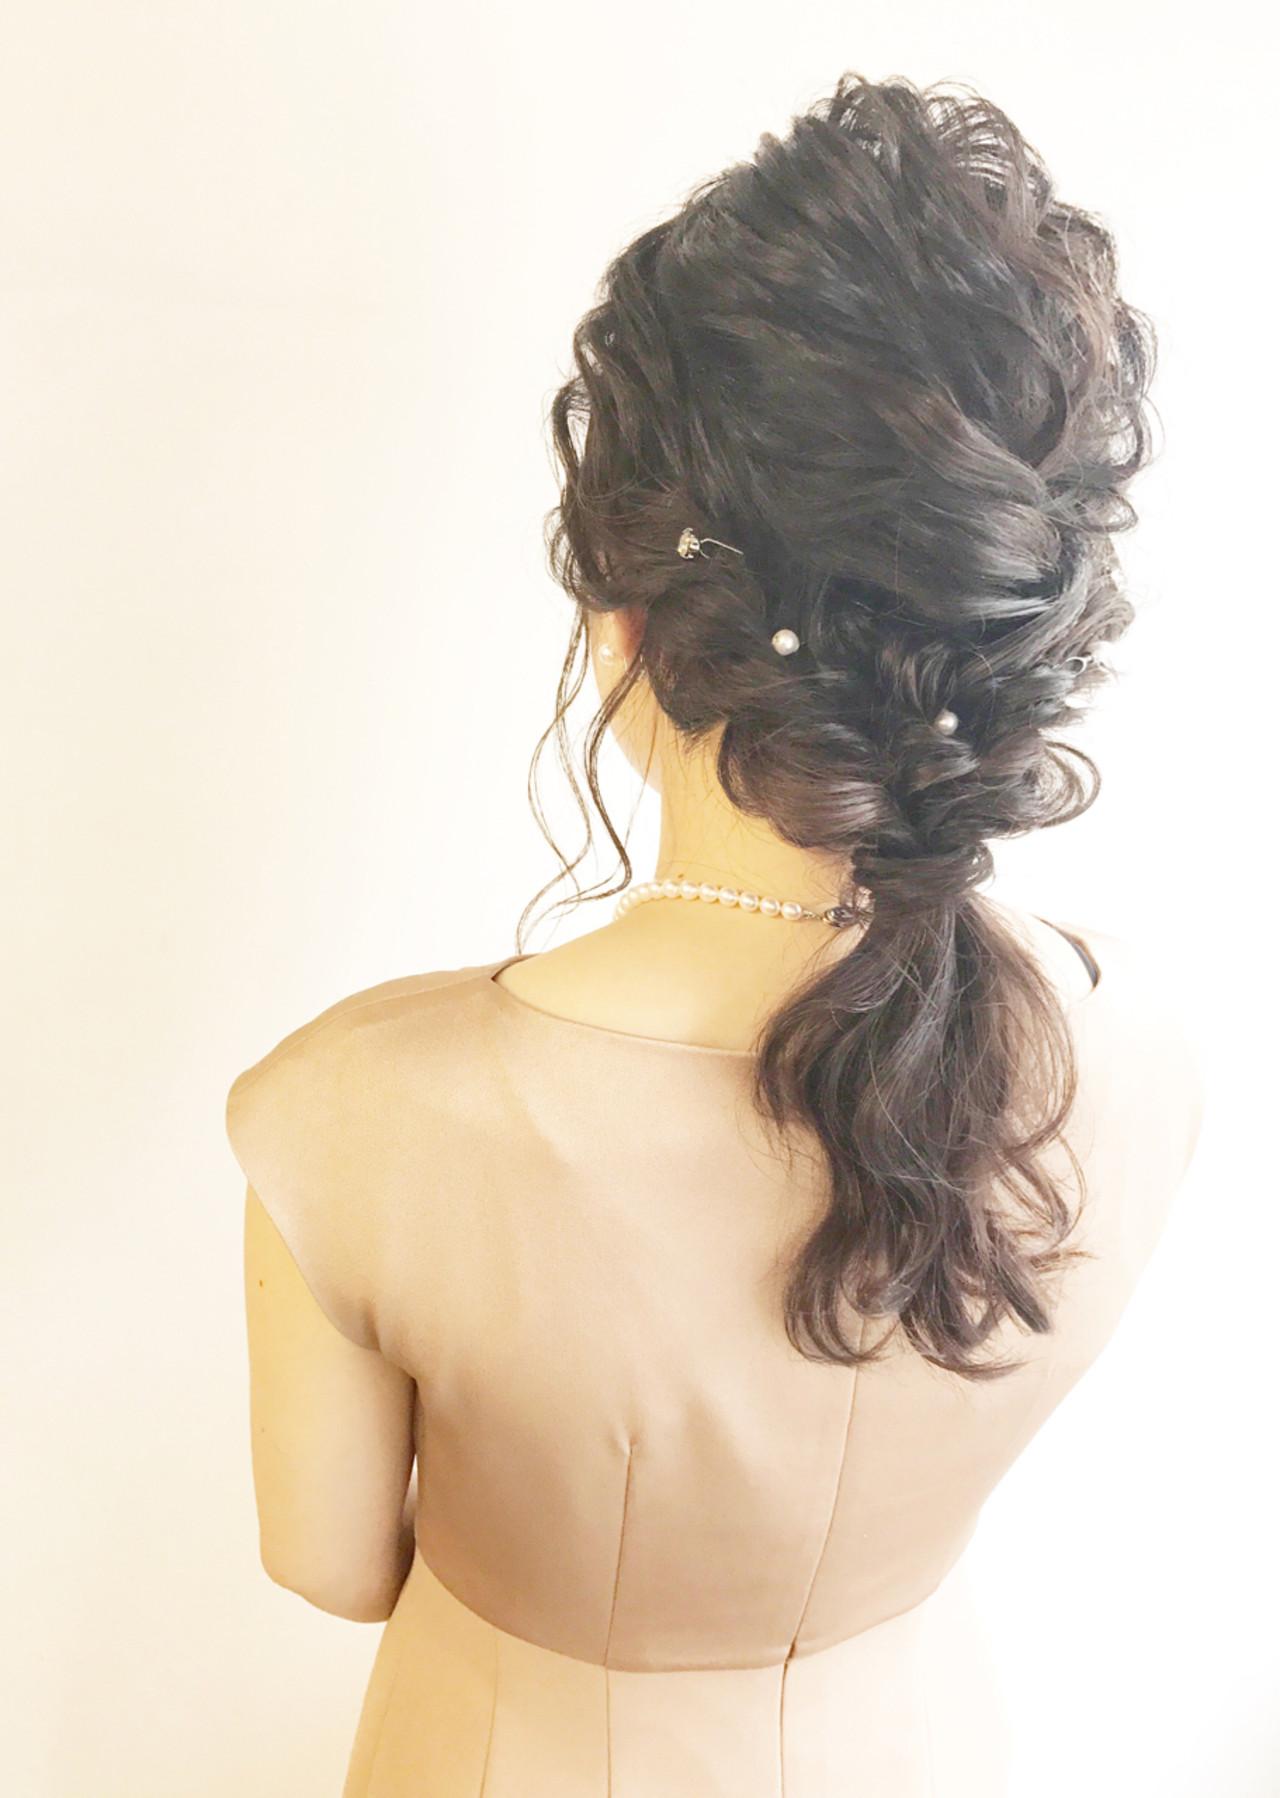 ヘアアレンジ 成人式 エレガント 結婚式ヘアスタイルや髪型の写真・画像